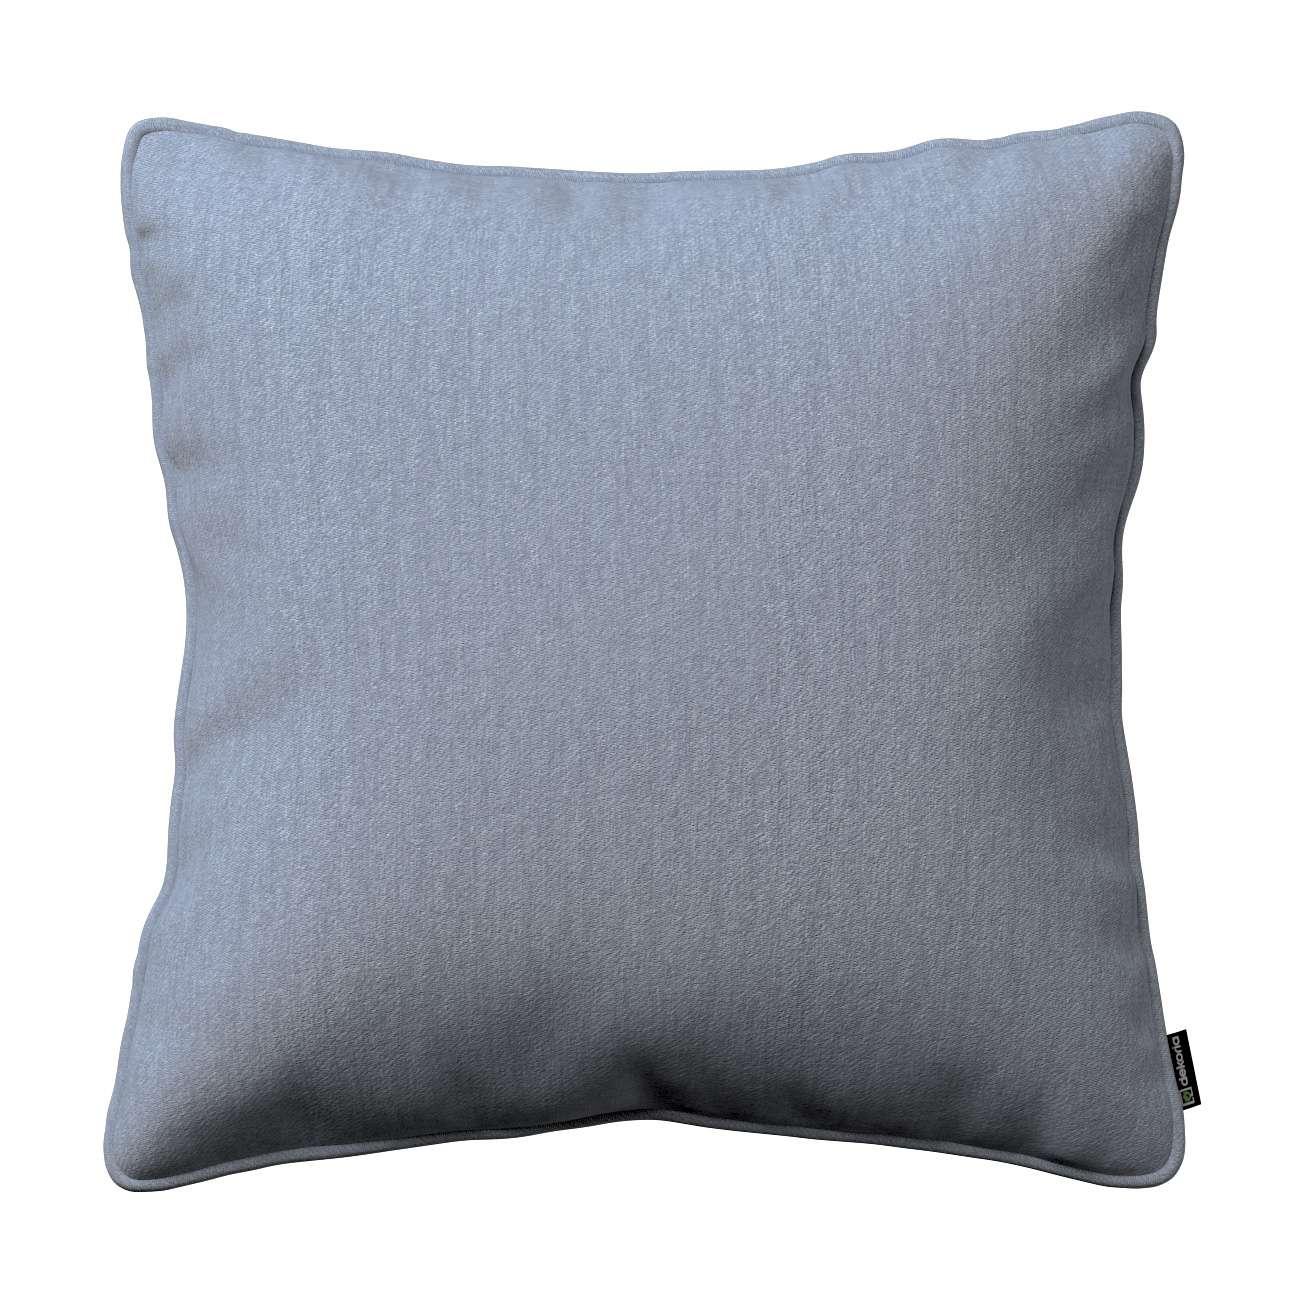 Poszewka Gabi na poduszkę 45 x 45 cm w kolekcji Chenille, tkanina: 702-13